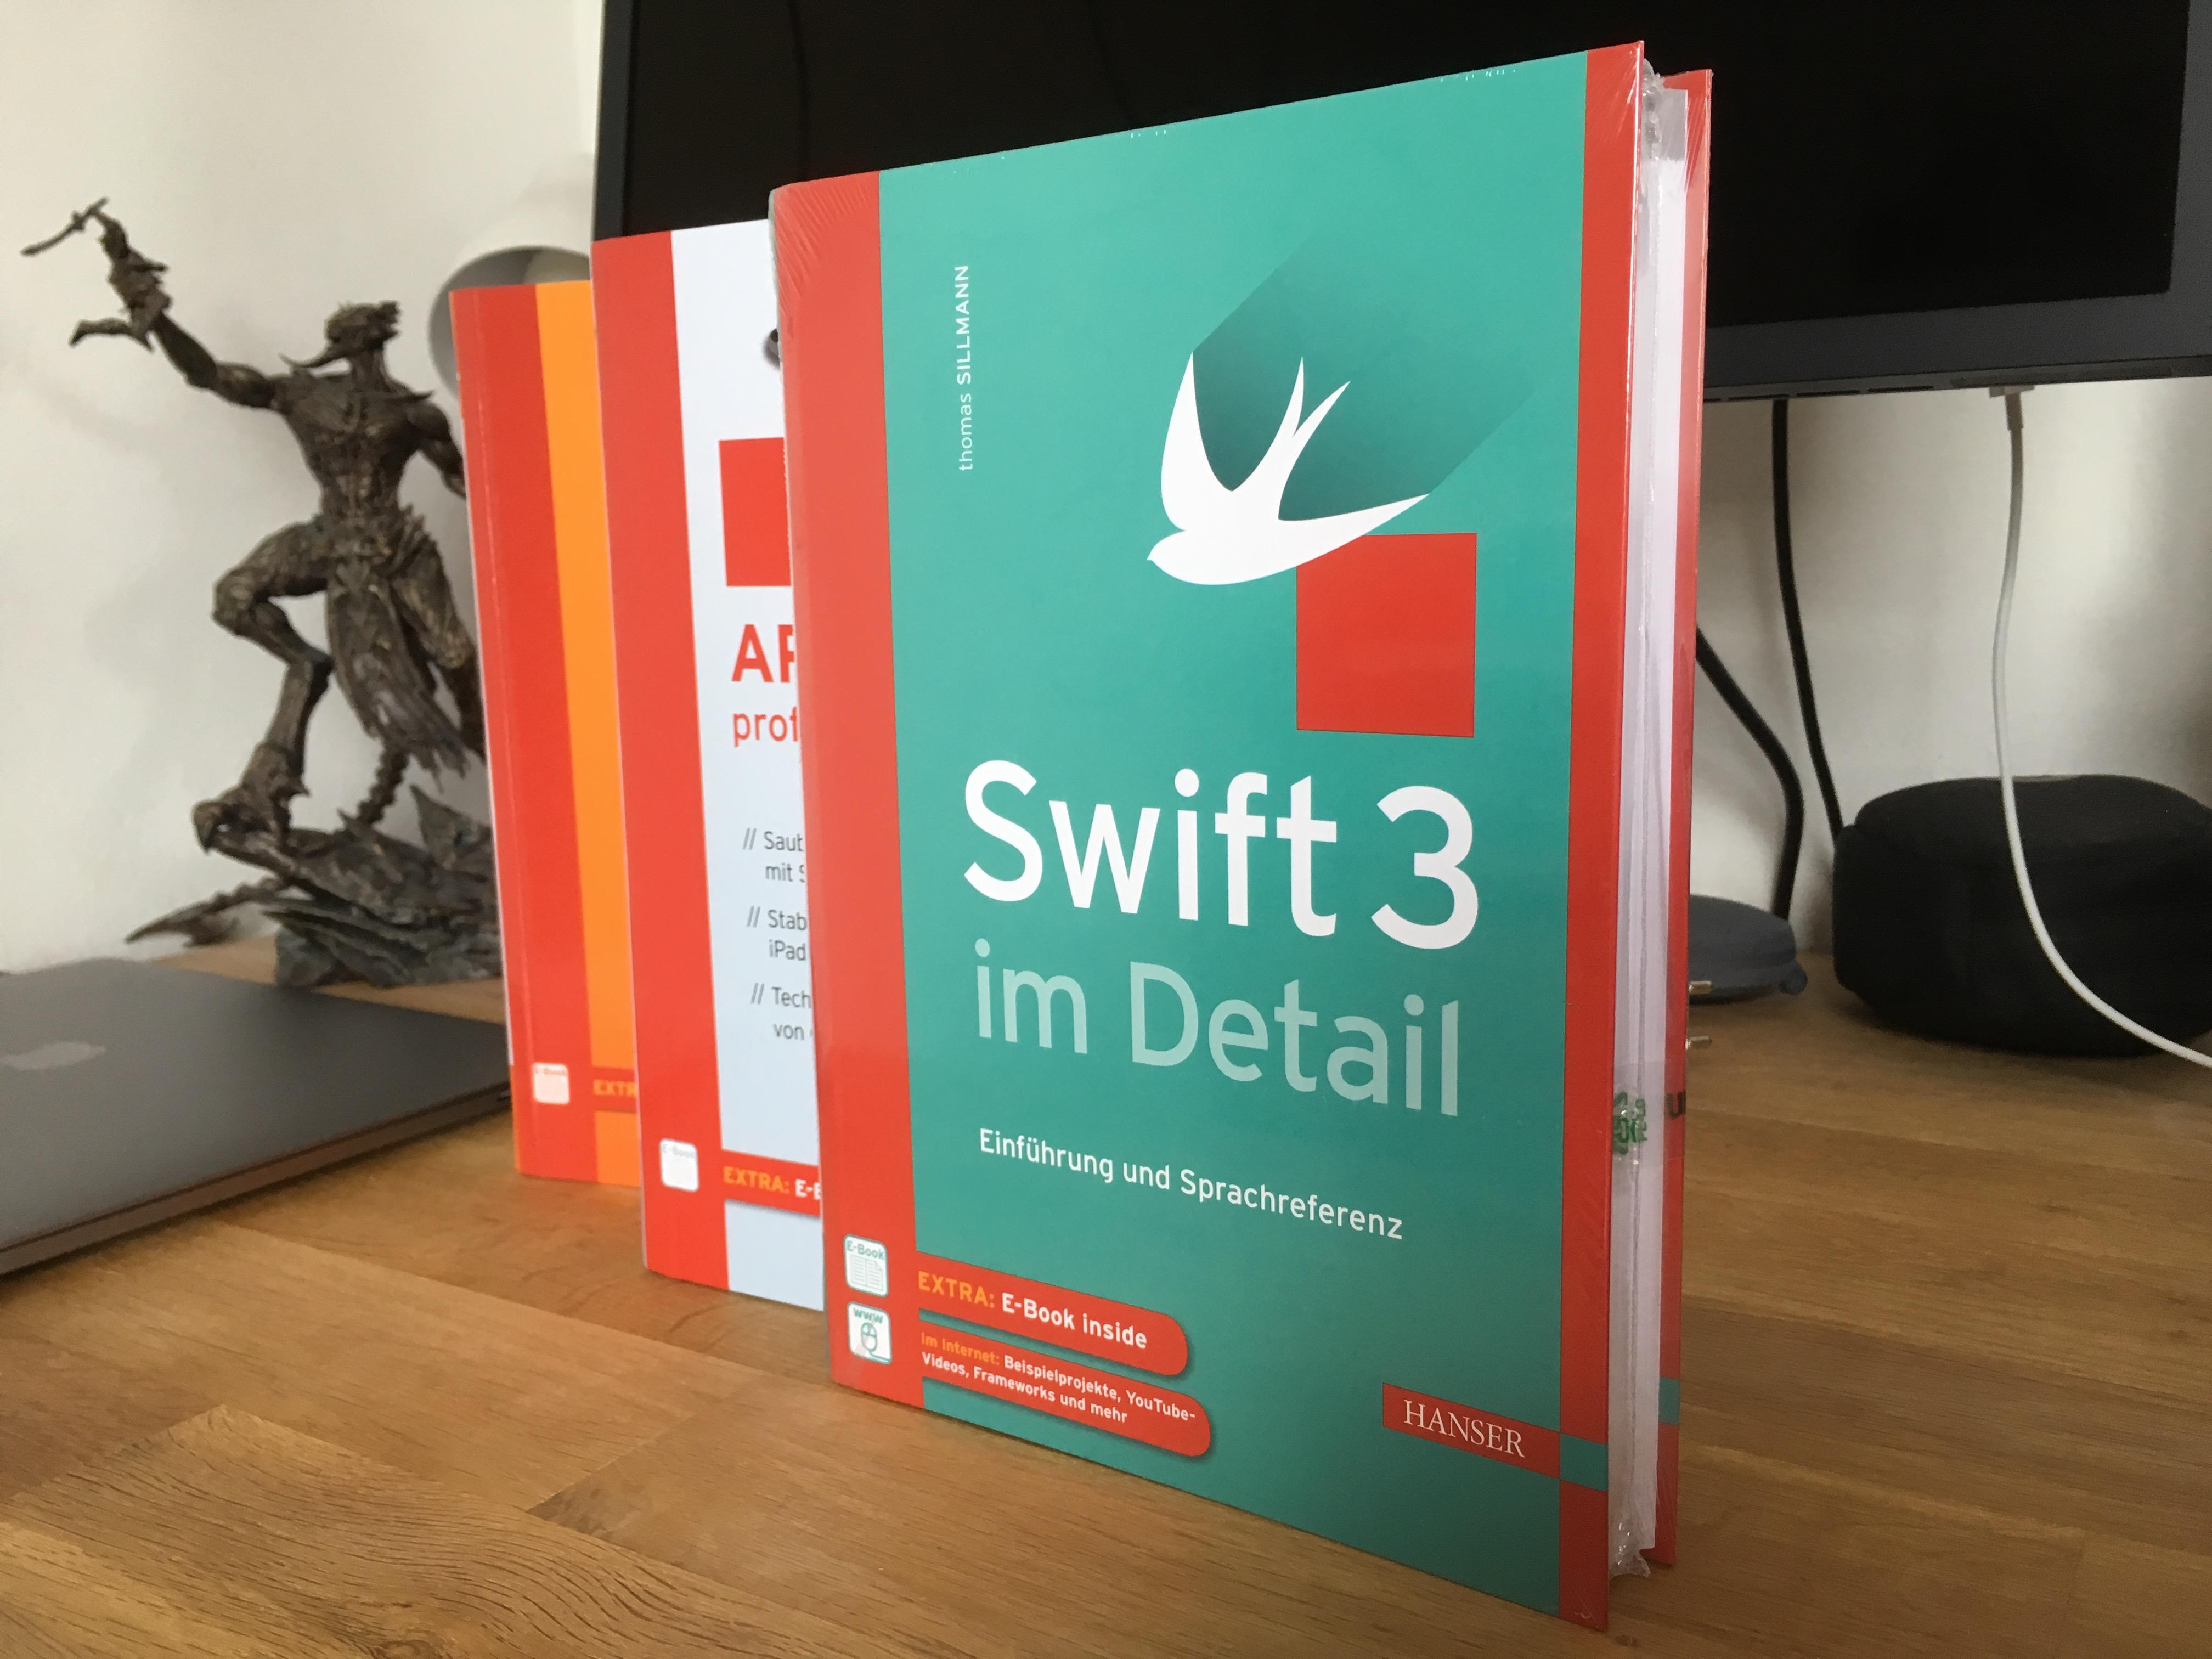 Swift 3 im Detail ist da!